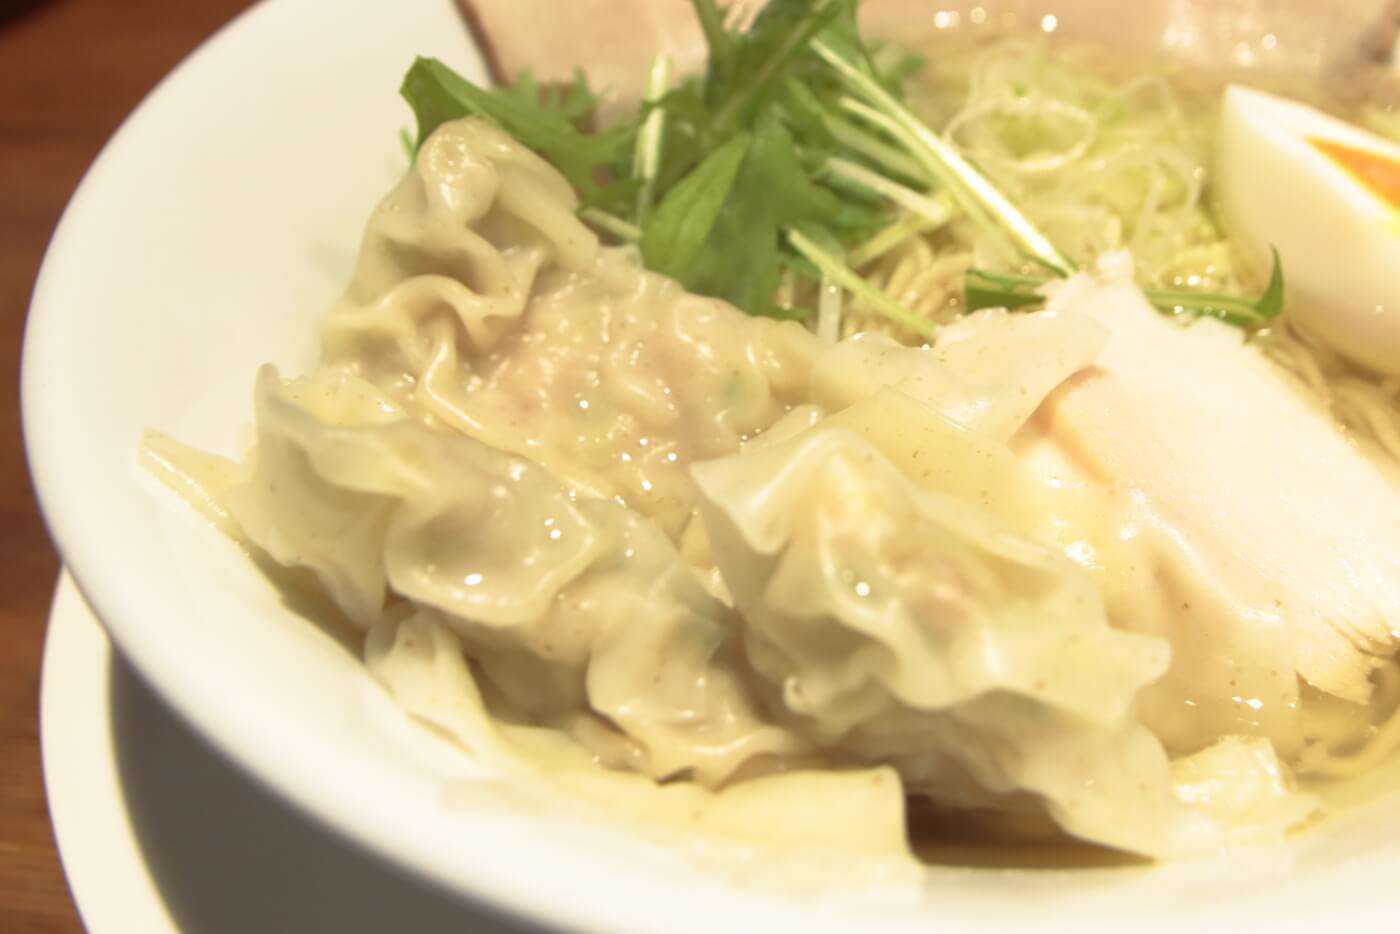 高知市のラーメン店チョンマゲのラーメン